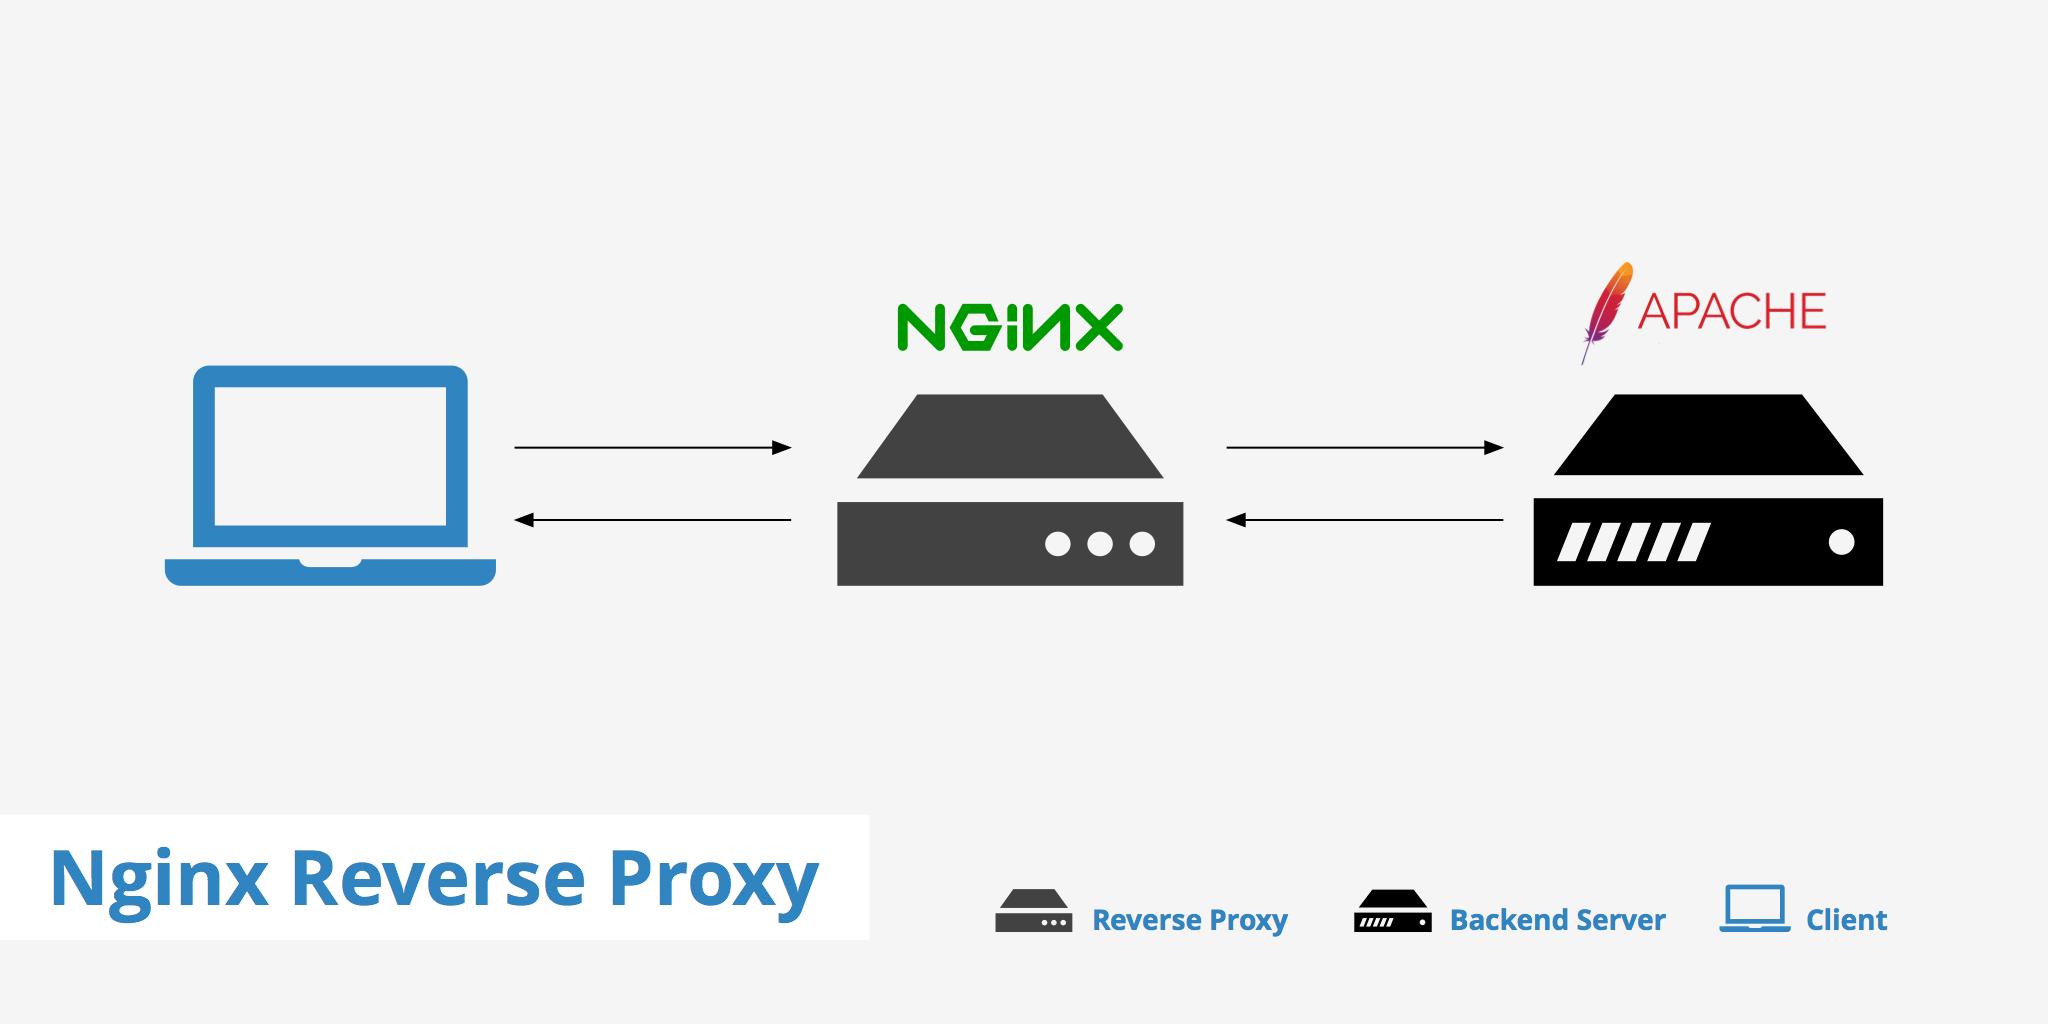 Nginx বিপরীত প্রক্সি